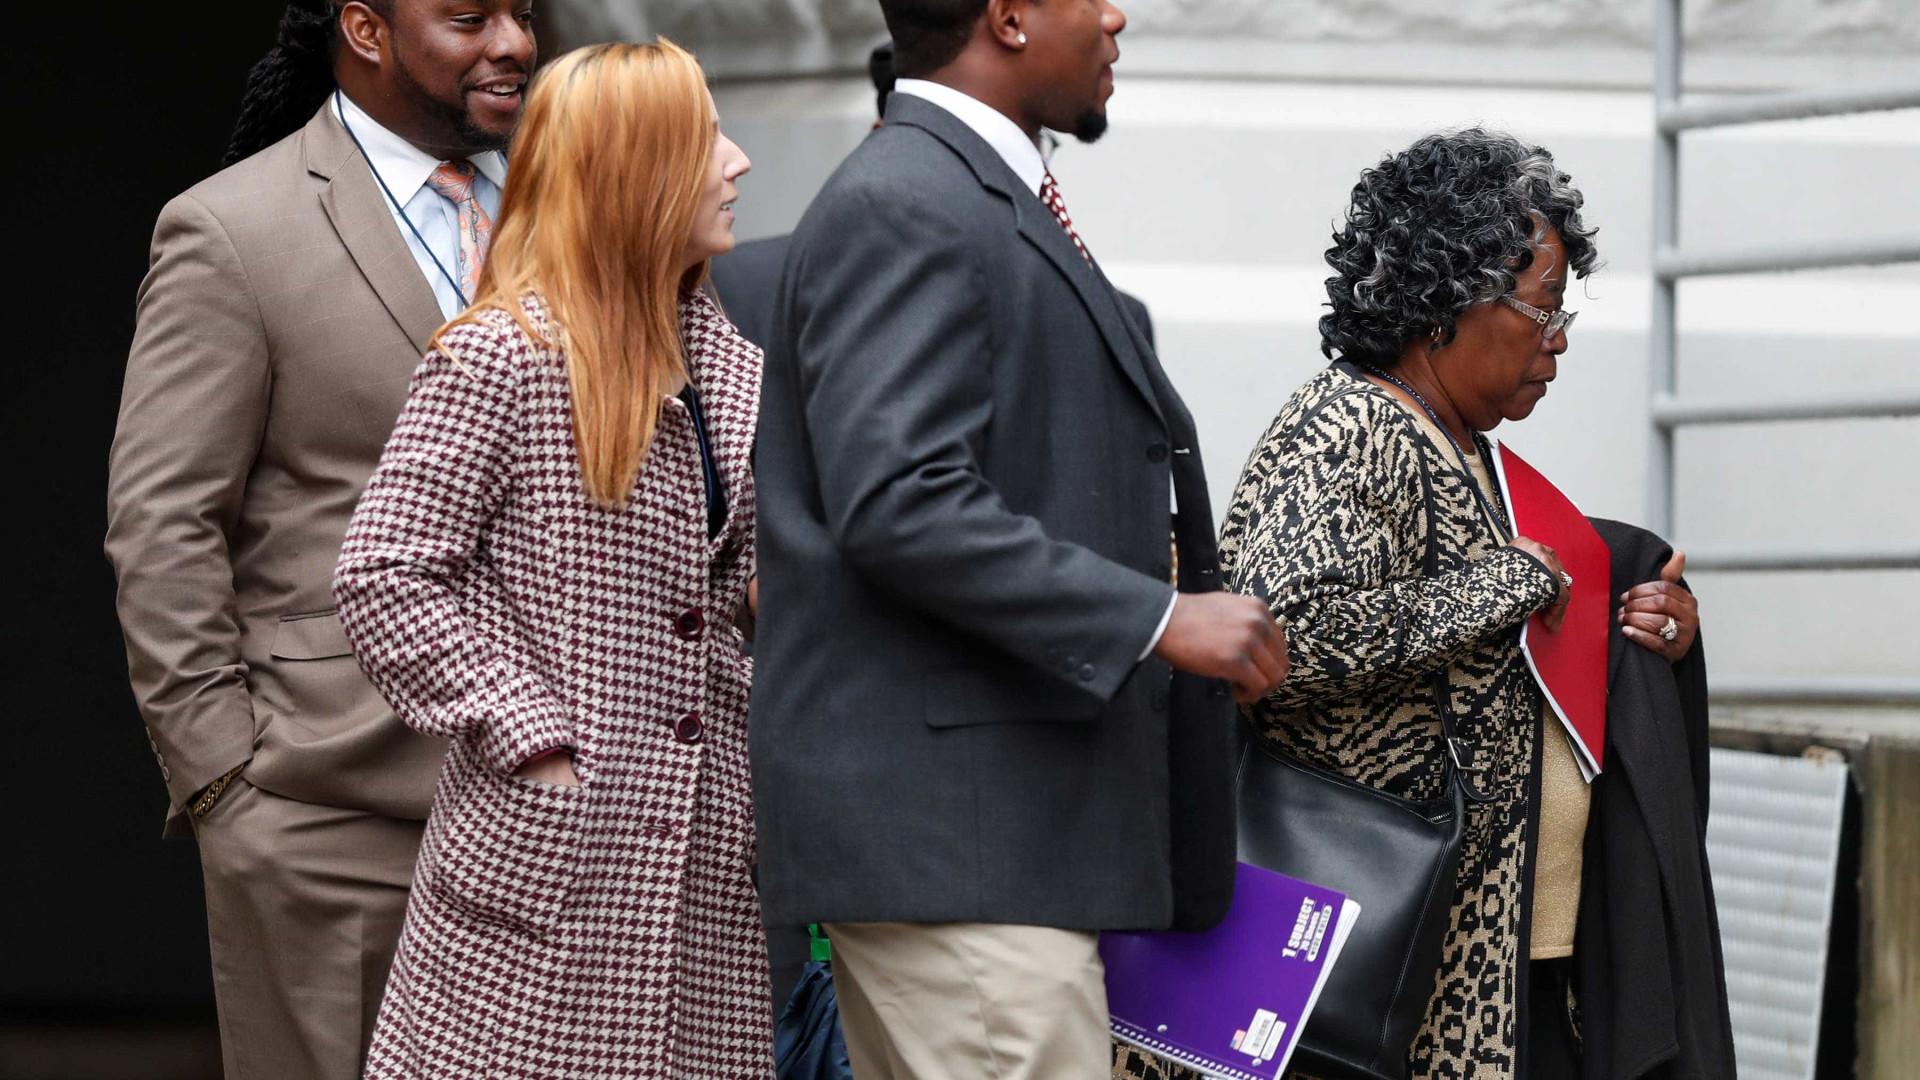 Vinte anos de prisão para ex-polícia que matou negro desarmado